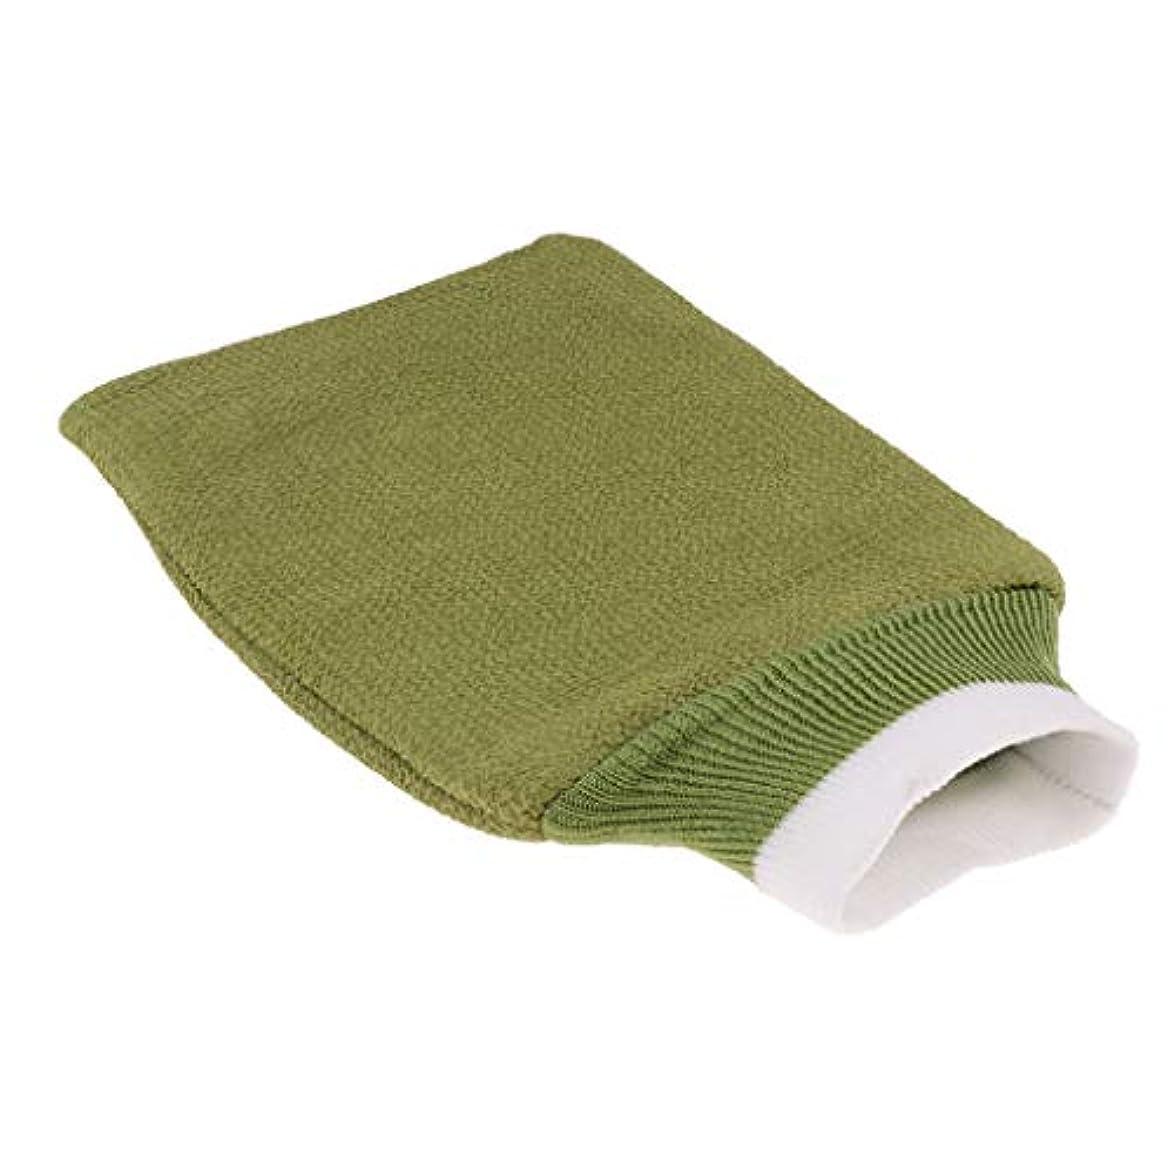 四アレンジピルバスグローブ 浴用手袋 シャワー用 バスミット 垢すり手袋 毛穴清潔 角質除去 男女兼用 全3色 - 緑